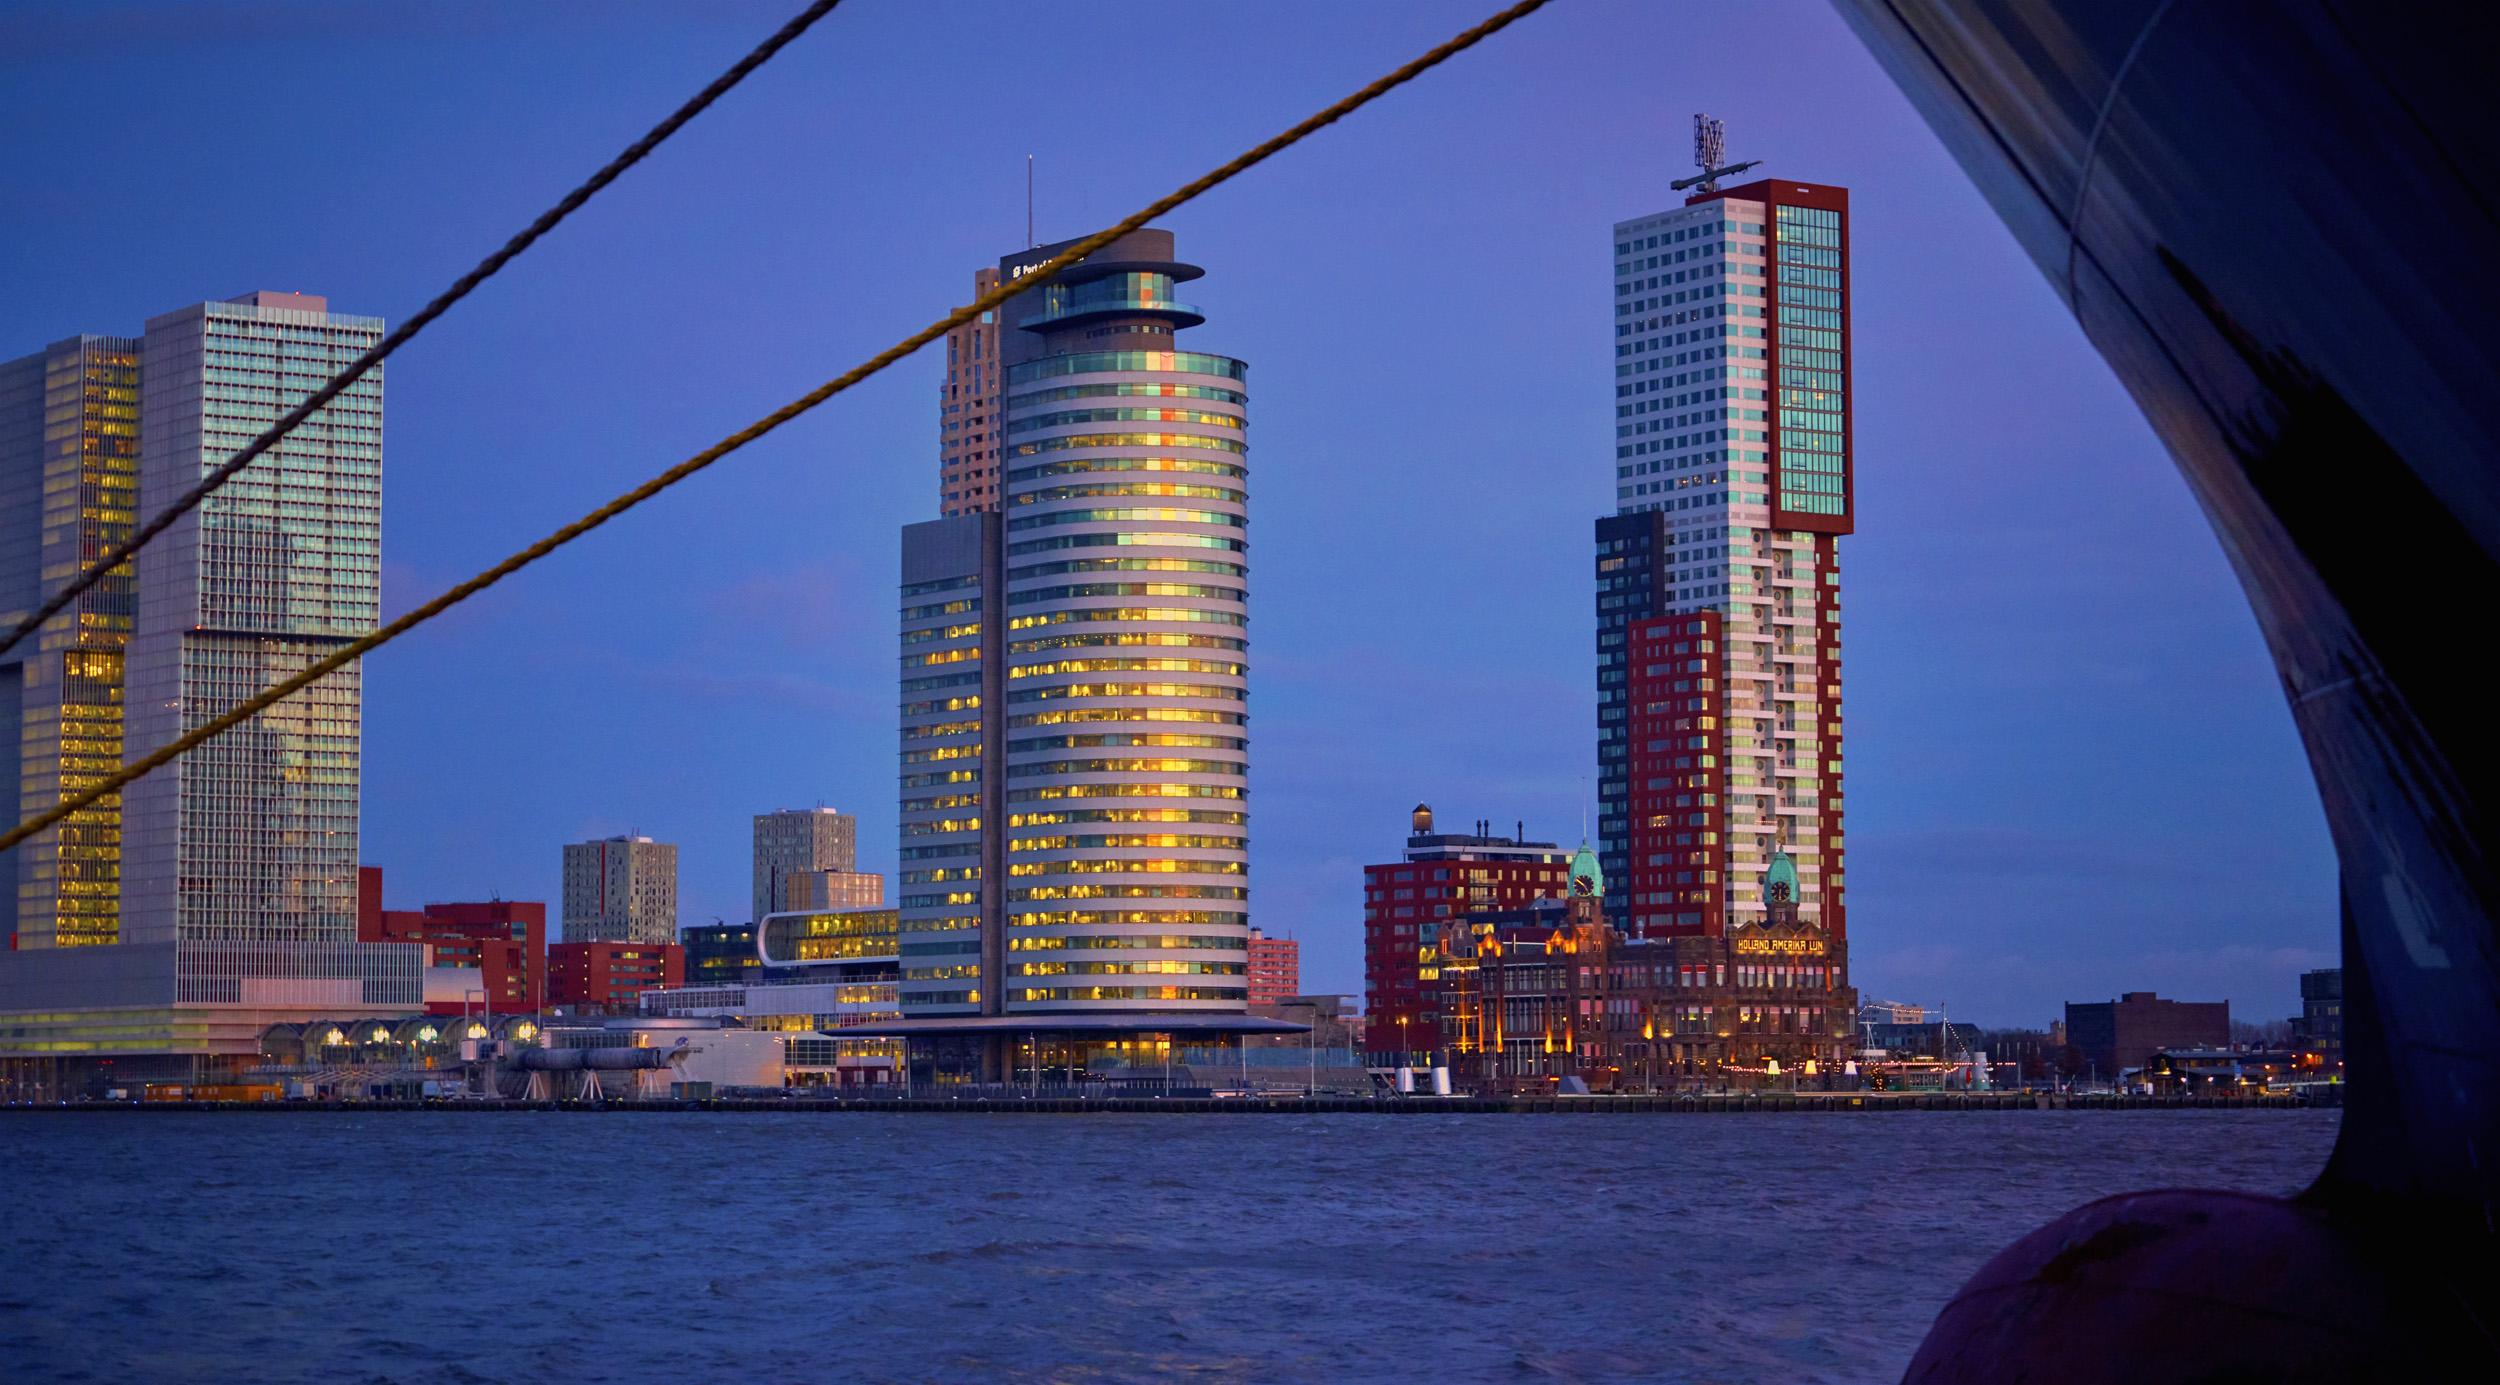 Rotterdam City Scape